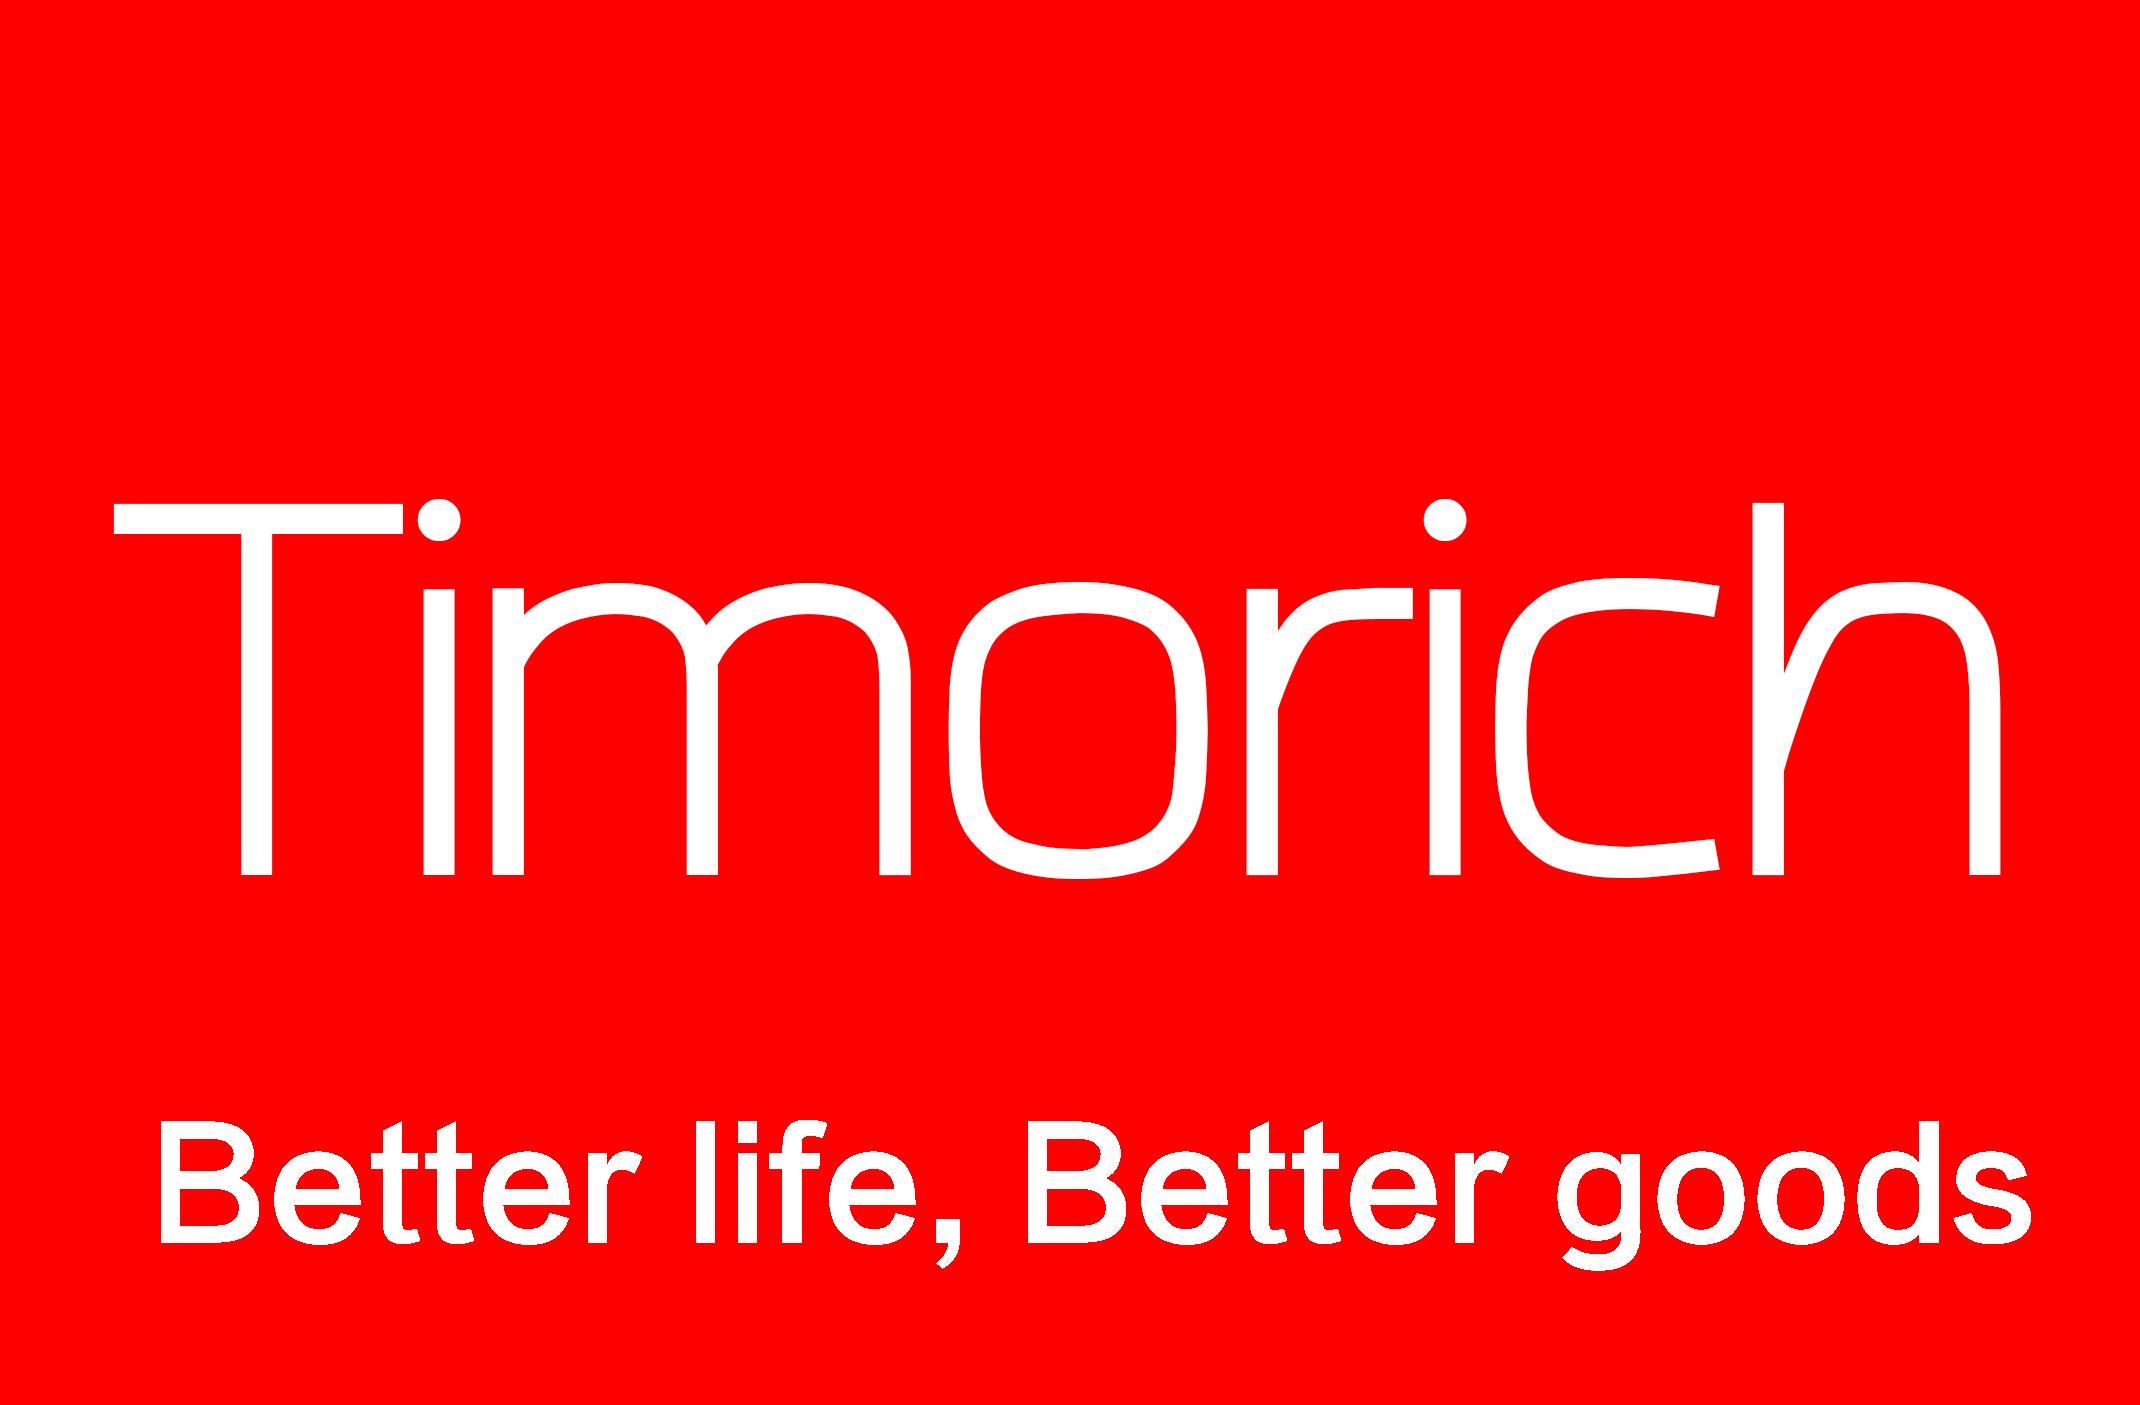 timorich--e文